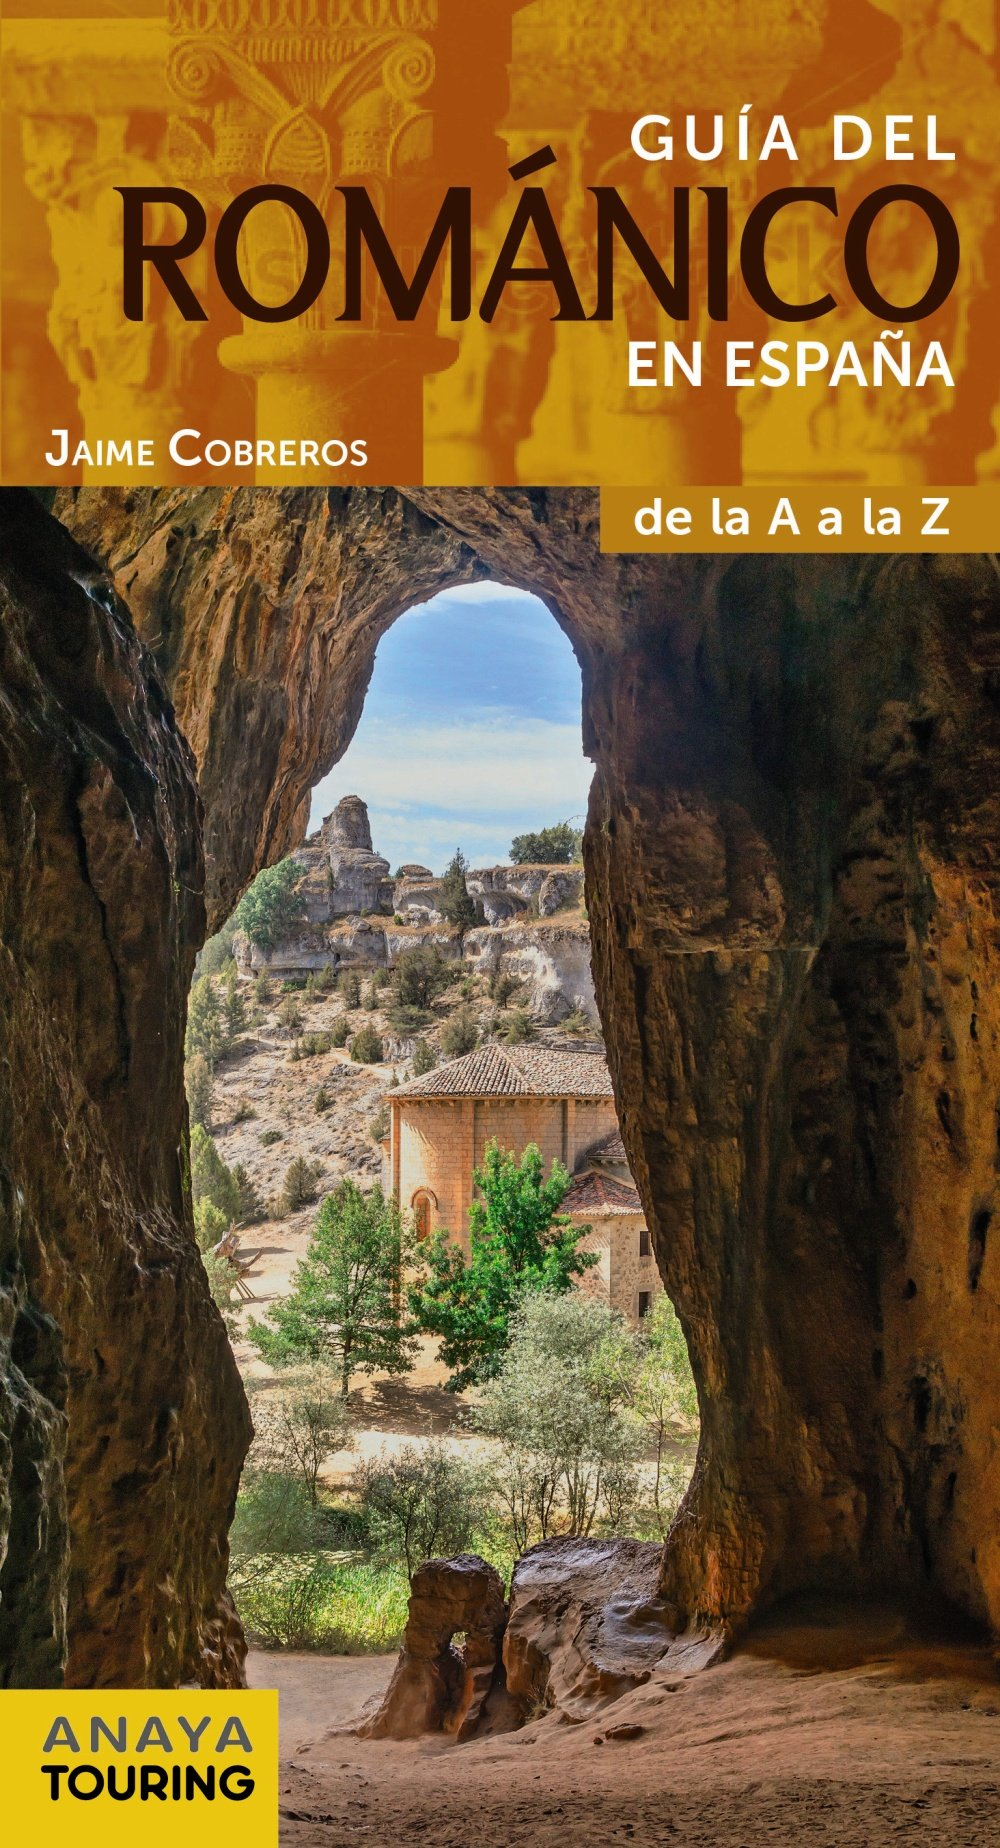 Guía del Románico en España (Guías Singulares): Amazon.es: Anaya Touring, Cobreros, Jaime: Libros